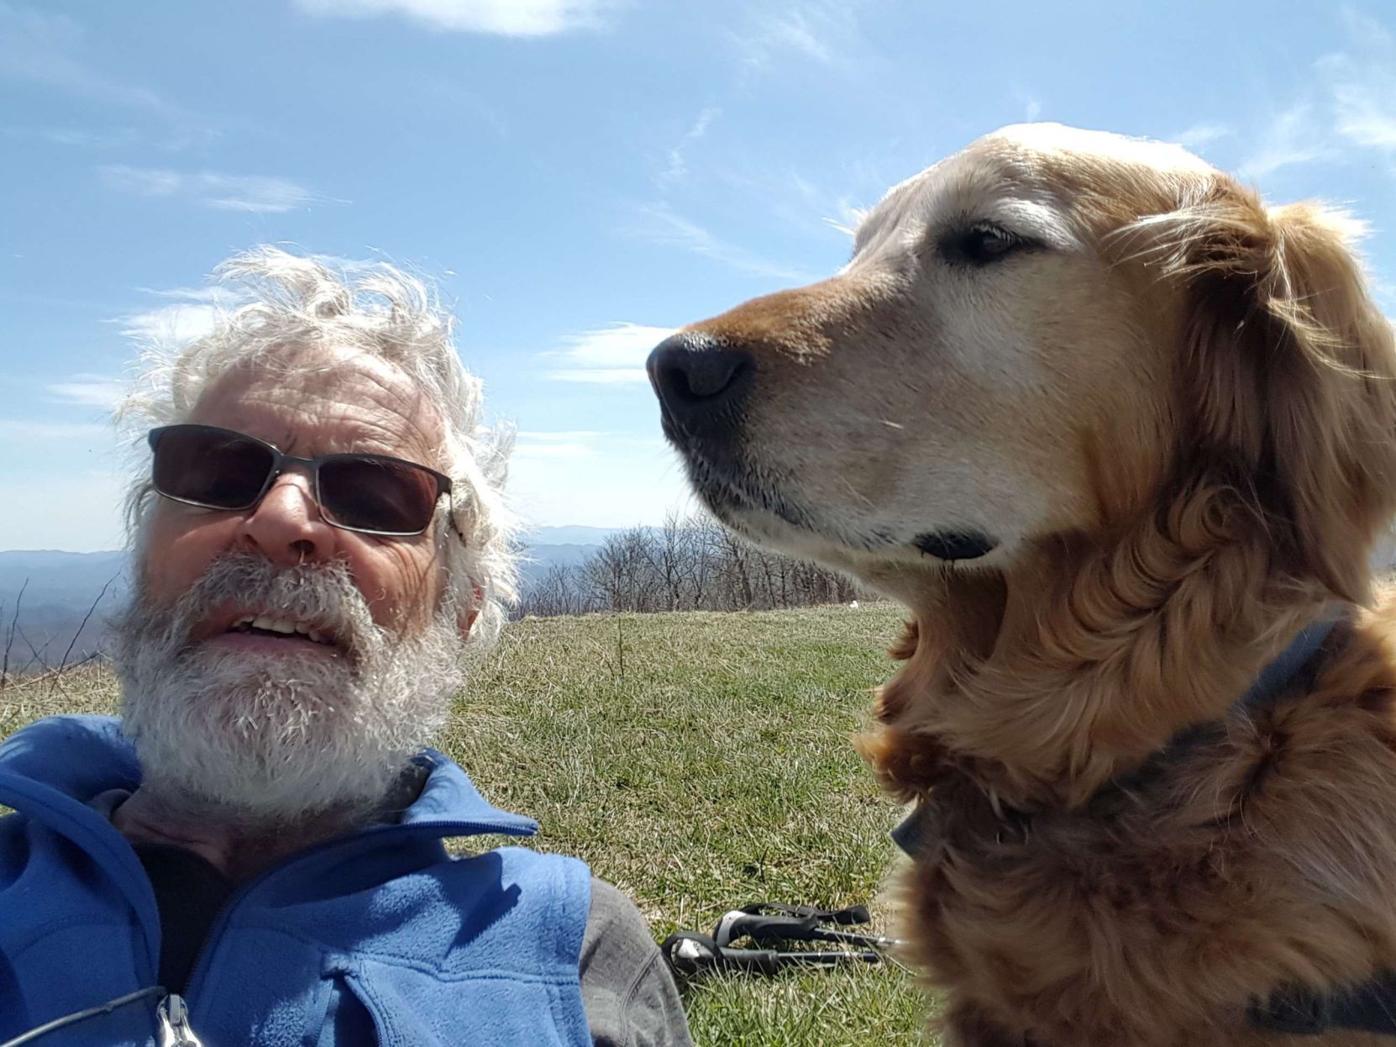 Appalachian trail hiker